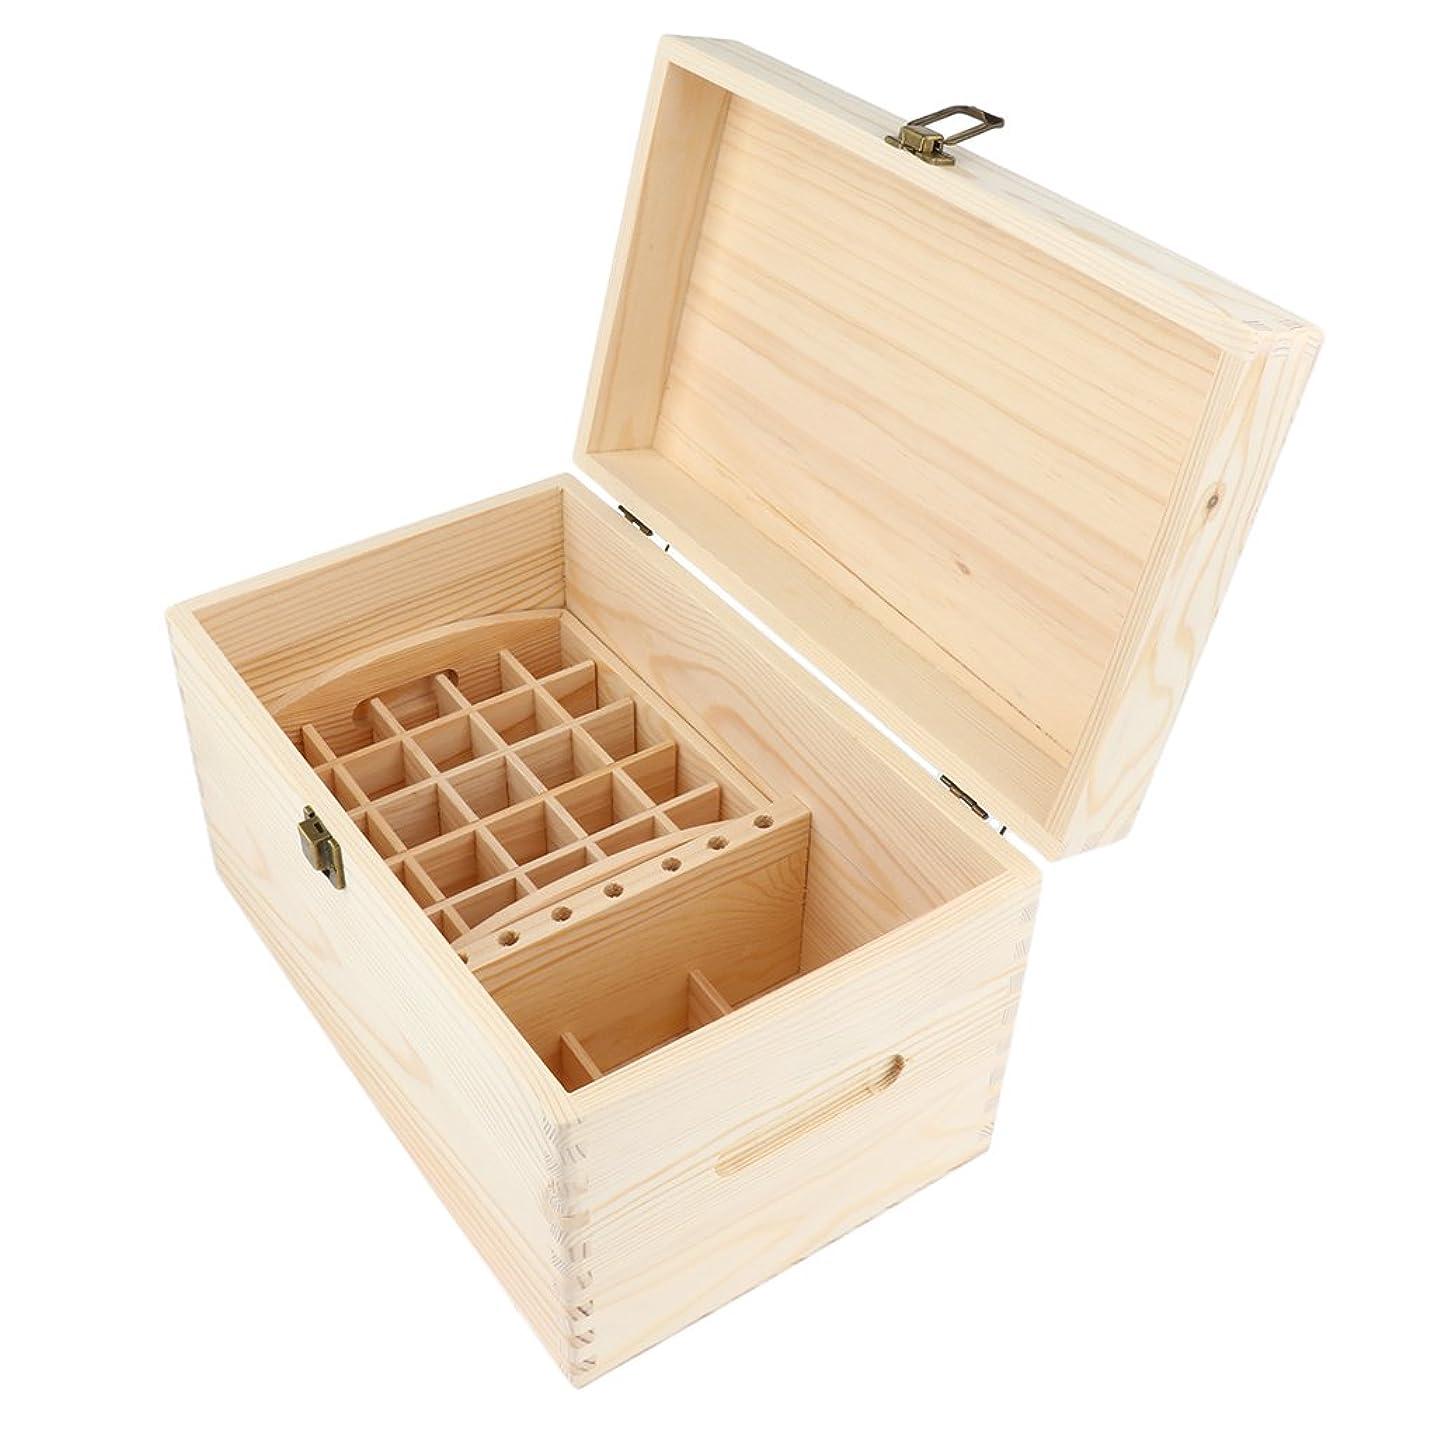 送る扱うフェードBaoblaze オイル 精油 木製ボックス 収納ケース トレイ オーガナイザー ディスプレイホルダー 収納容器 2サイズ - 30 x 18.5 x 18.5 cm